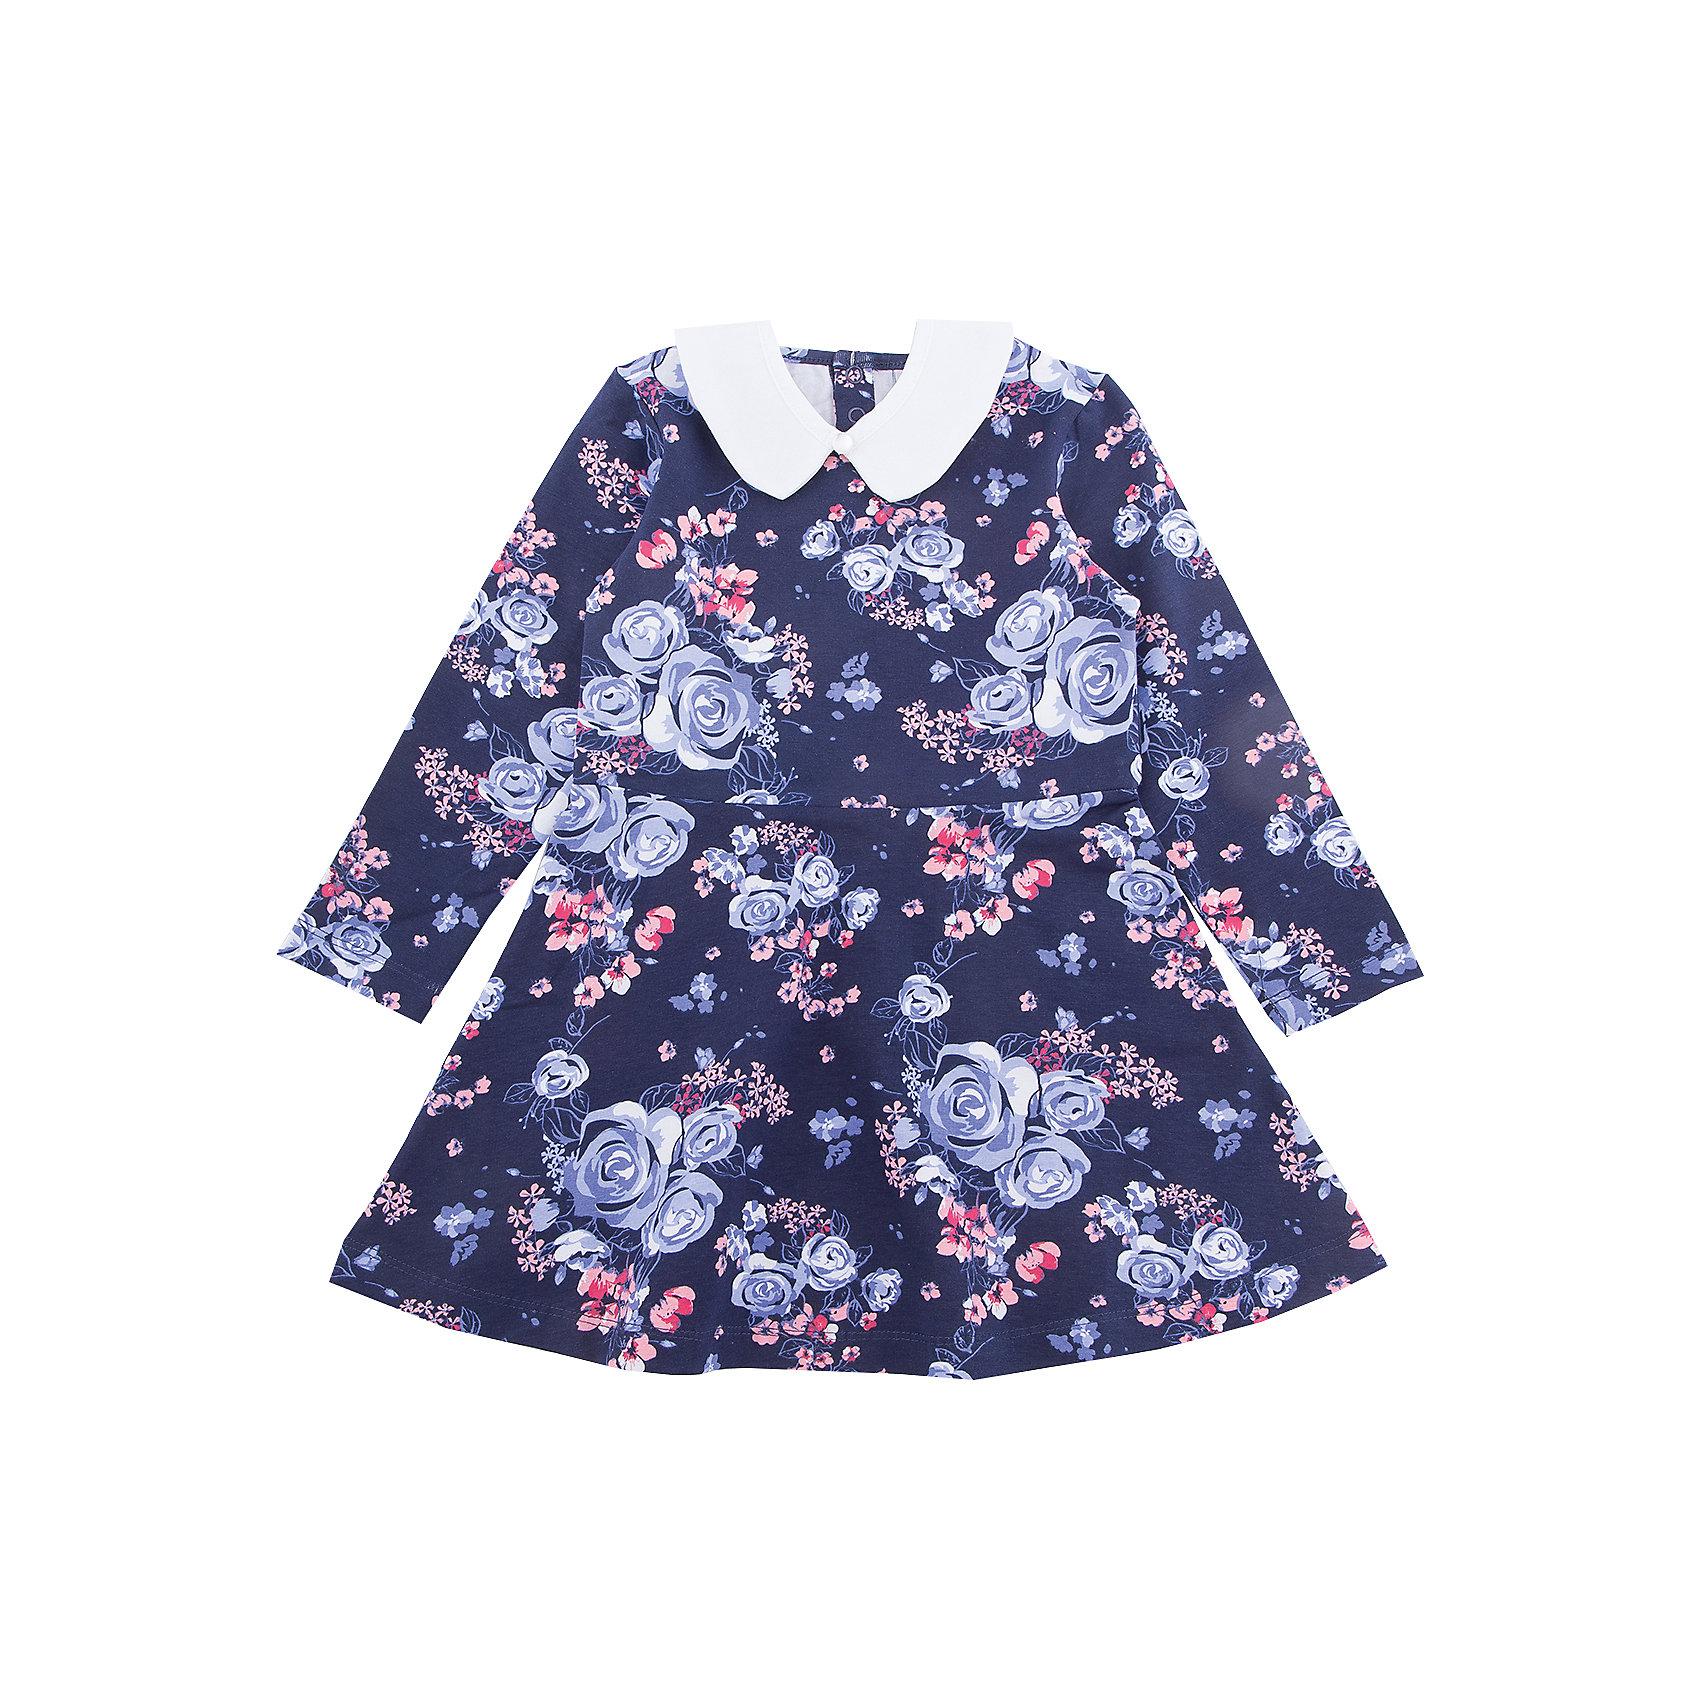 Платье PlayToday для девочкиОсенне-зимние платья и сарафаны<br>Платье PlayToday для девочки<br>Платье с длинным рукавом, отрезное по талии дополнит повседневный гардероб ребенка. Модель с белоснежным воротником на пуговицах, при необходимости его можно отстегнуть. На спинке расположены удобные застежки - кнопки. Платье из яркой набивной ткани с цветочным рисунком.<br>Состав:<br>80% хлопок, 15% полиэстер, 5% эластан<br><br>Ширина мм: 236<br>Глубина мм: 16<br>Высота мм: 184<br>Вес г: 177<br>Цвет: белый<br>Возраст от месяцев: 24<br>Возраст до месяцев: 36<br>Пол: Женский<br>Возраст: Детский<br>Размер: 98,128,104,110,116,122<br>SKU: 7115456